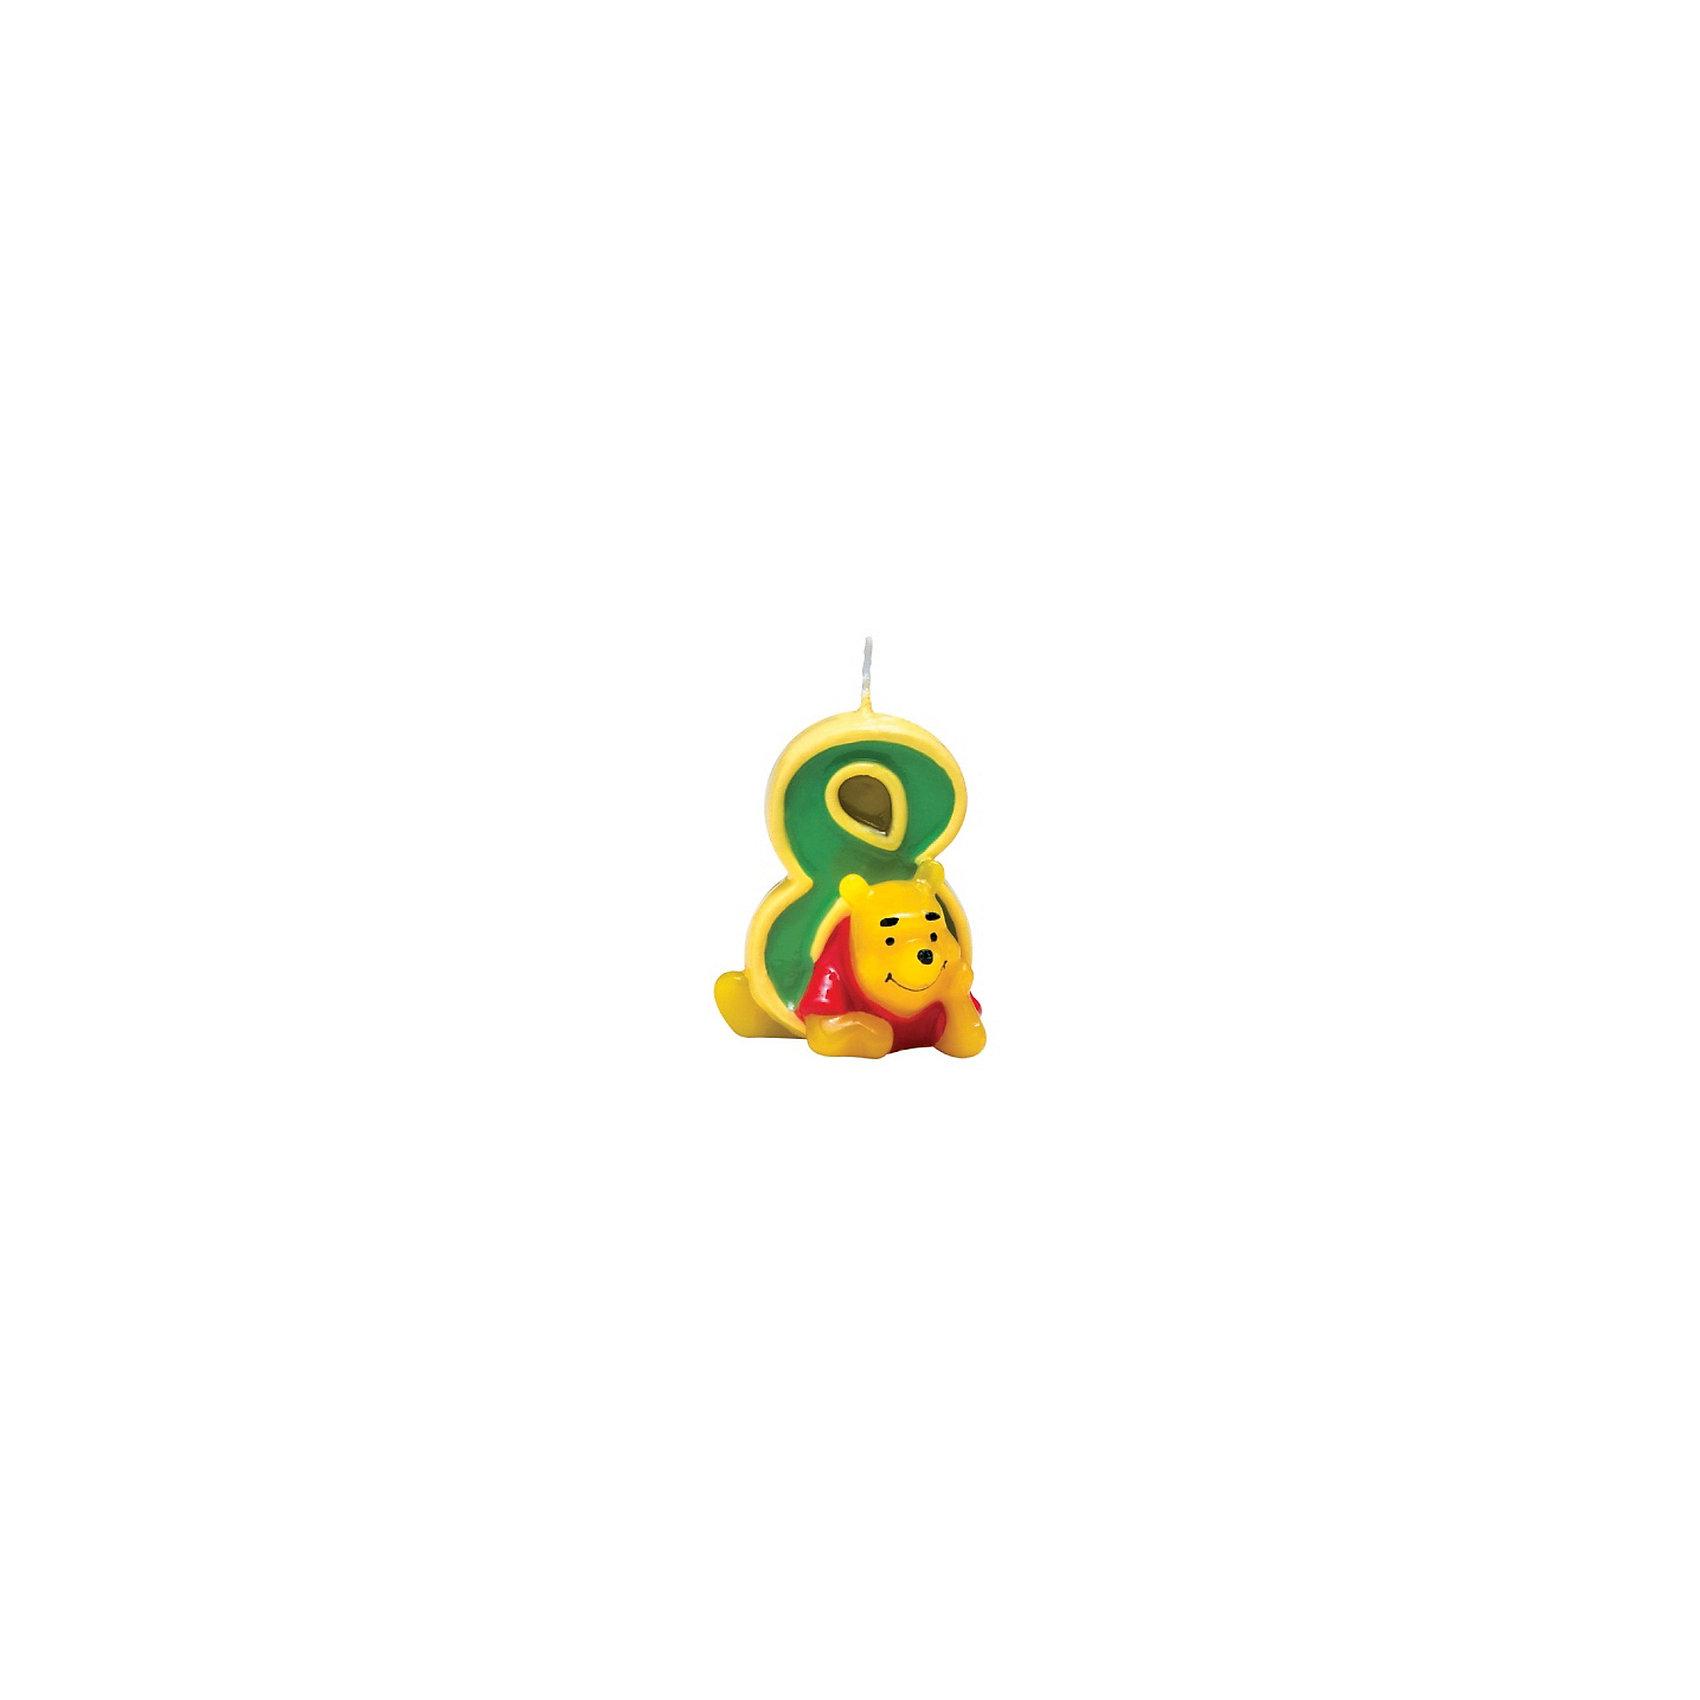 Procos Объемная свечка Винни 8 летВинни Пух Дисней<br>Объемная свечка в форме цифры, с изображением любимого героя - используется в оформлениях кондитерских изделий!<br><br>Ширина мм: 85<br>Глубина мм: 35<br>Высота мм: 130<br>Вес г: 33<br>Возраст от месяцев: 36<br>Возраст до месяцев: 168<br>Пол: Унисекс<br>Возраст: Детский<br>SKU: 2431265